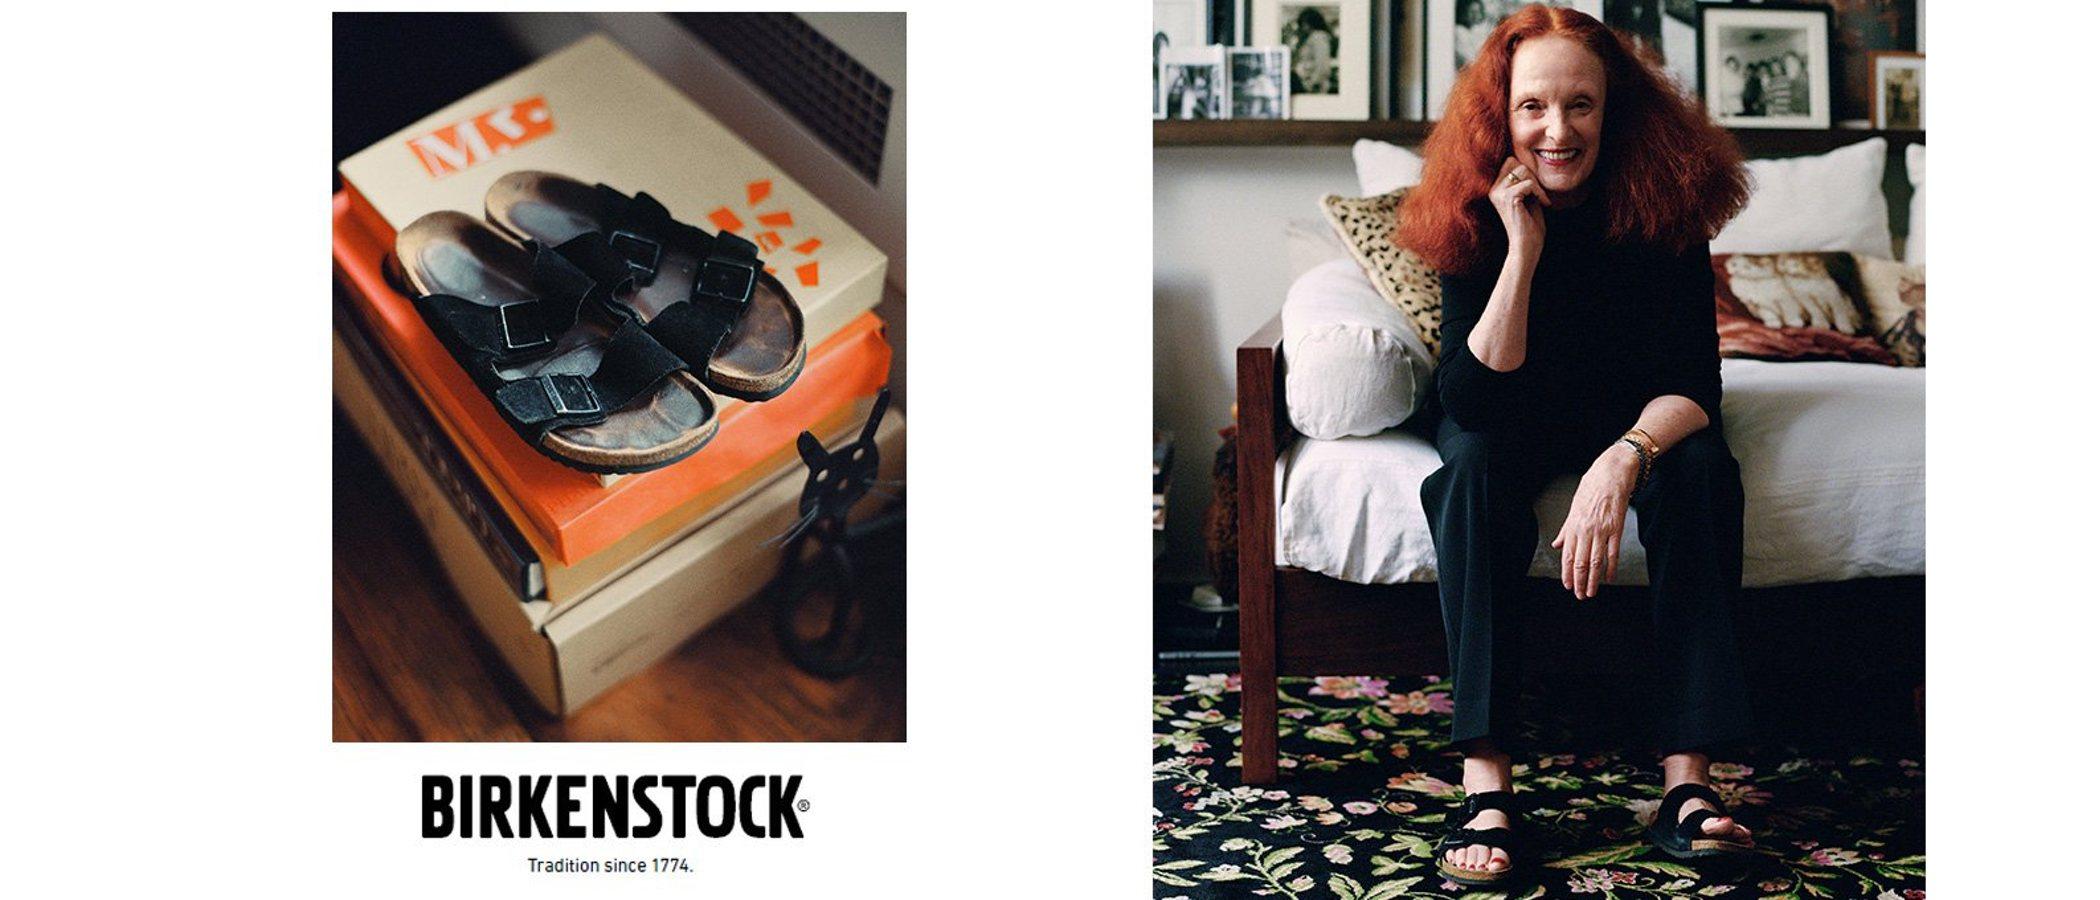 Grace Coddington vuelve a posar como modelo en la nueva campaña de Birkenstock